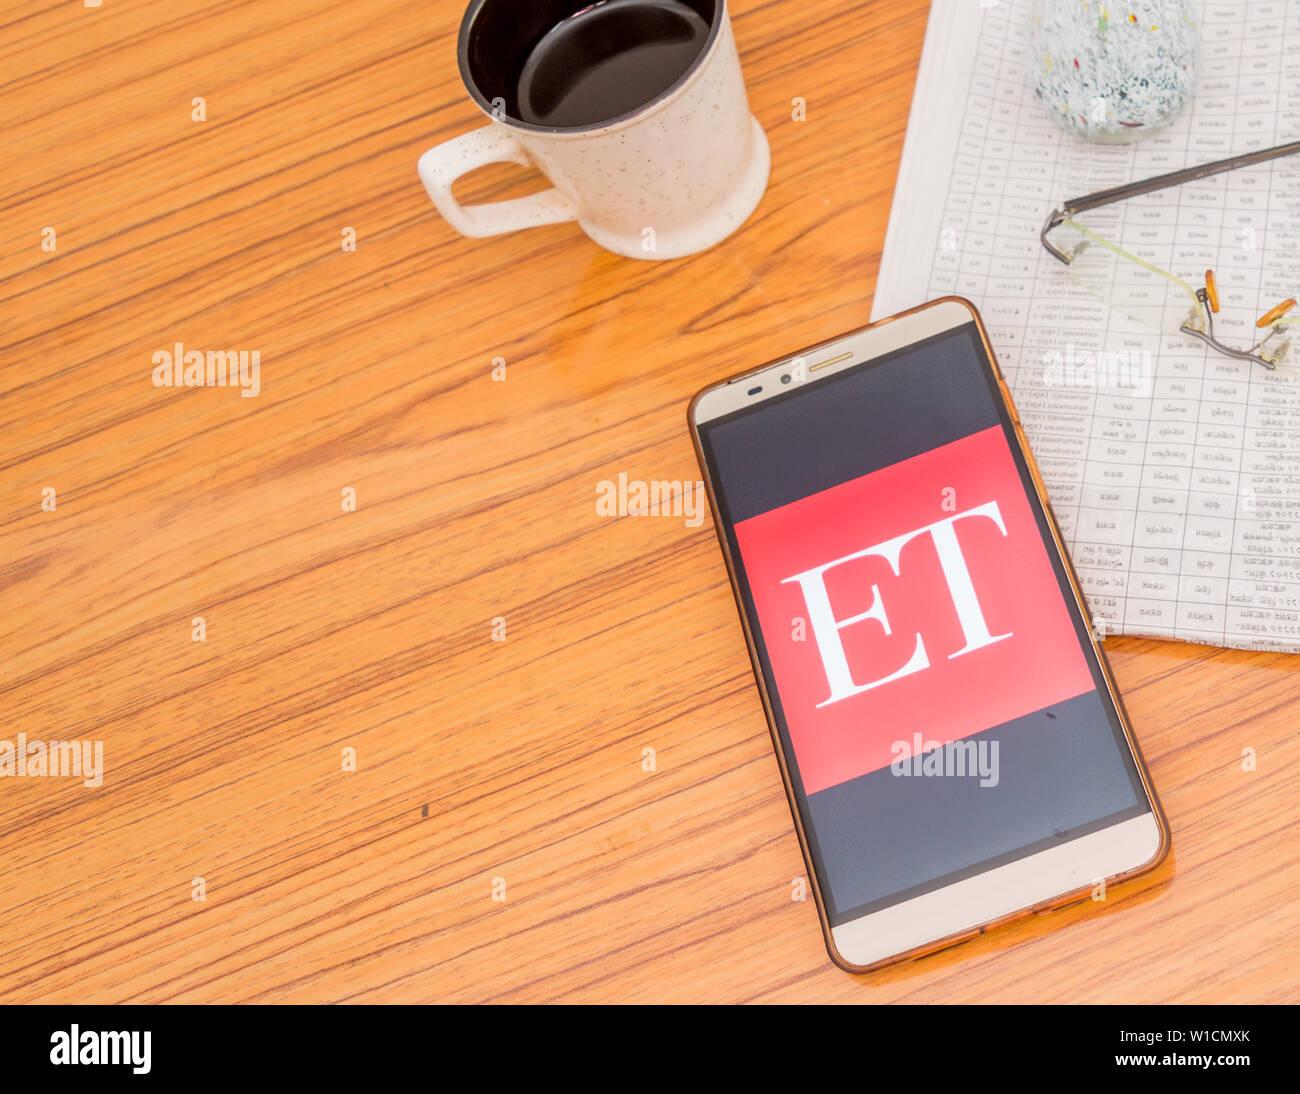 Kolkata, Indien, 3. Februar 2019: Zeiten (ET) News App sichtbar auf Mobiltelefon schön über einen Holztisch mit einer Zeitung platziert Stockfoto